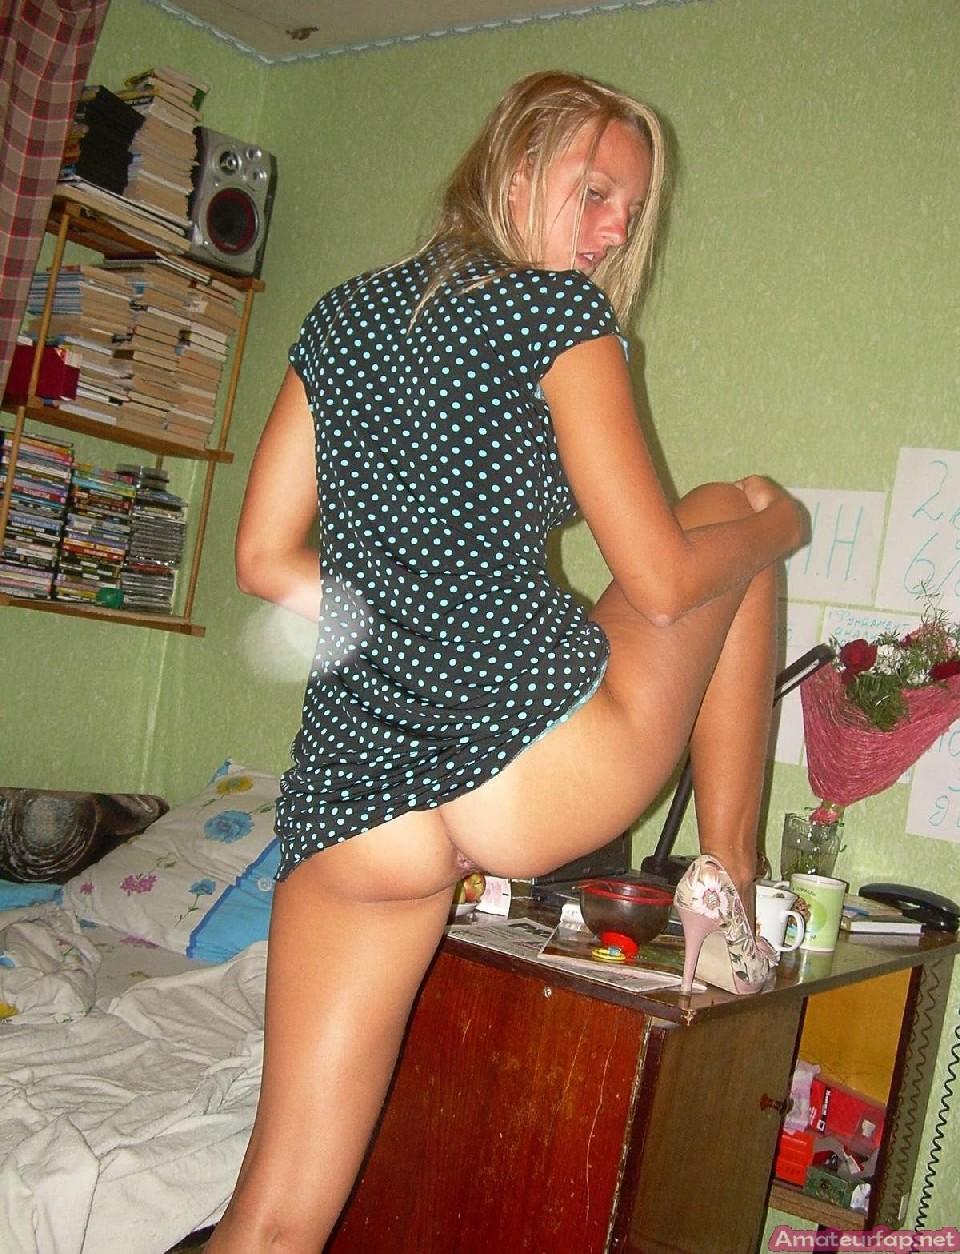 У блондинки много откровенных снимков, даже во время анального секса она не стесняется камеры